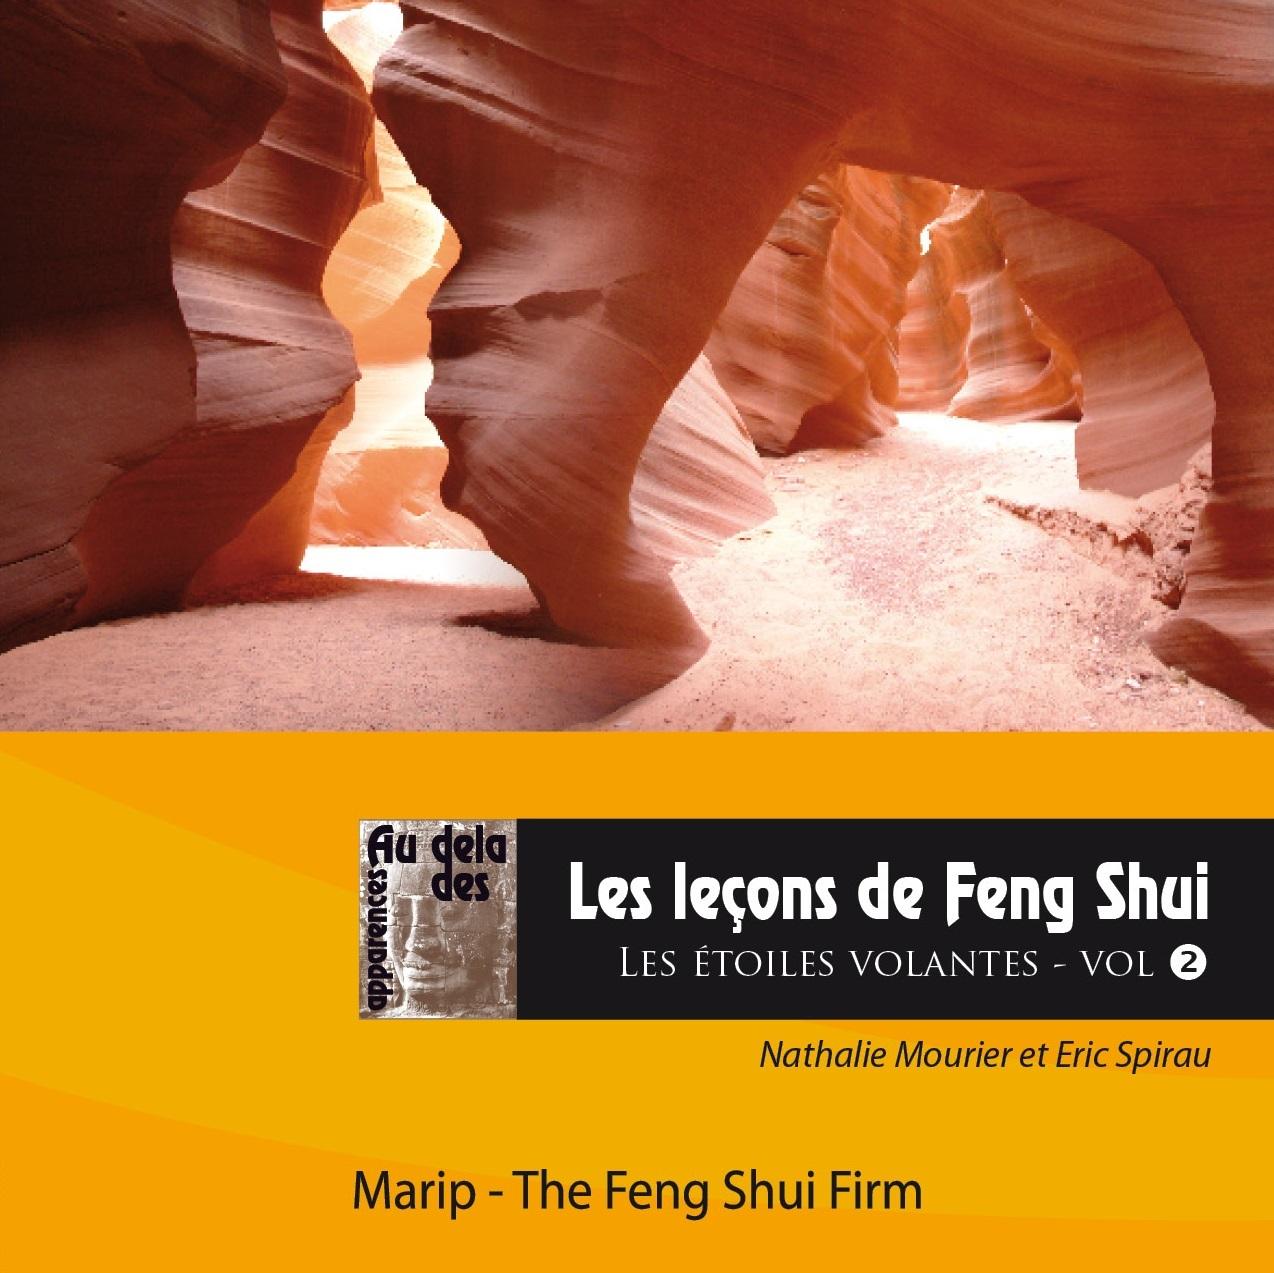 LES LECONS DE FENG SHUI - LES ETOILES VOLANTES VOL. 2 - POUR SE FORMER CHEZ SOI